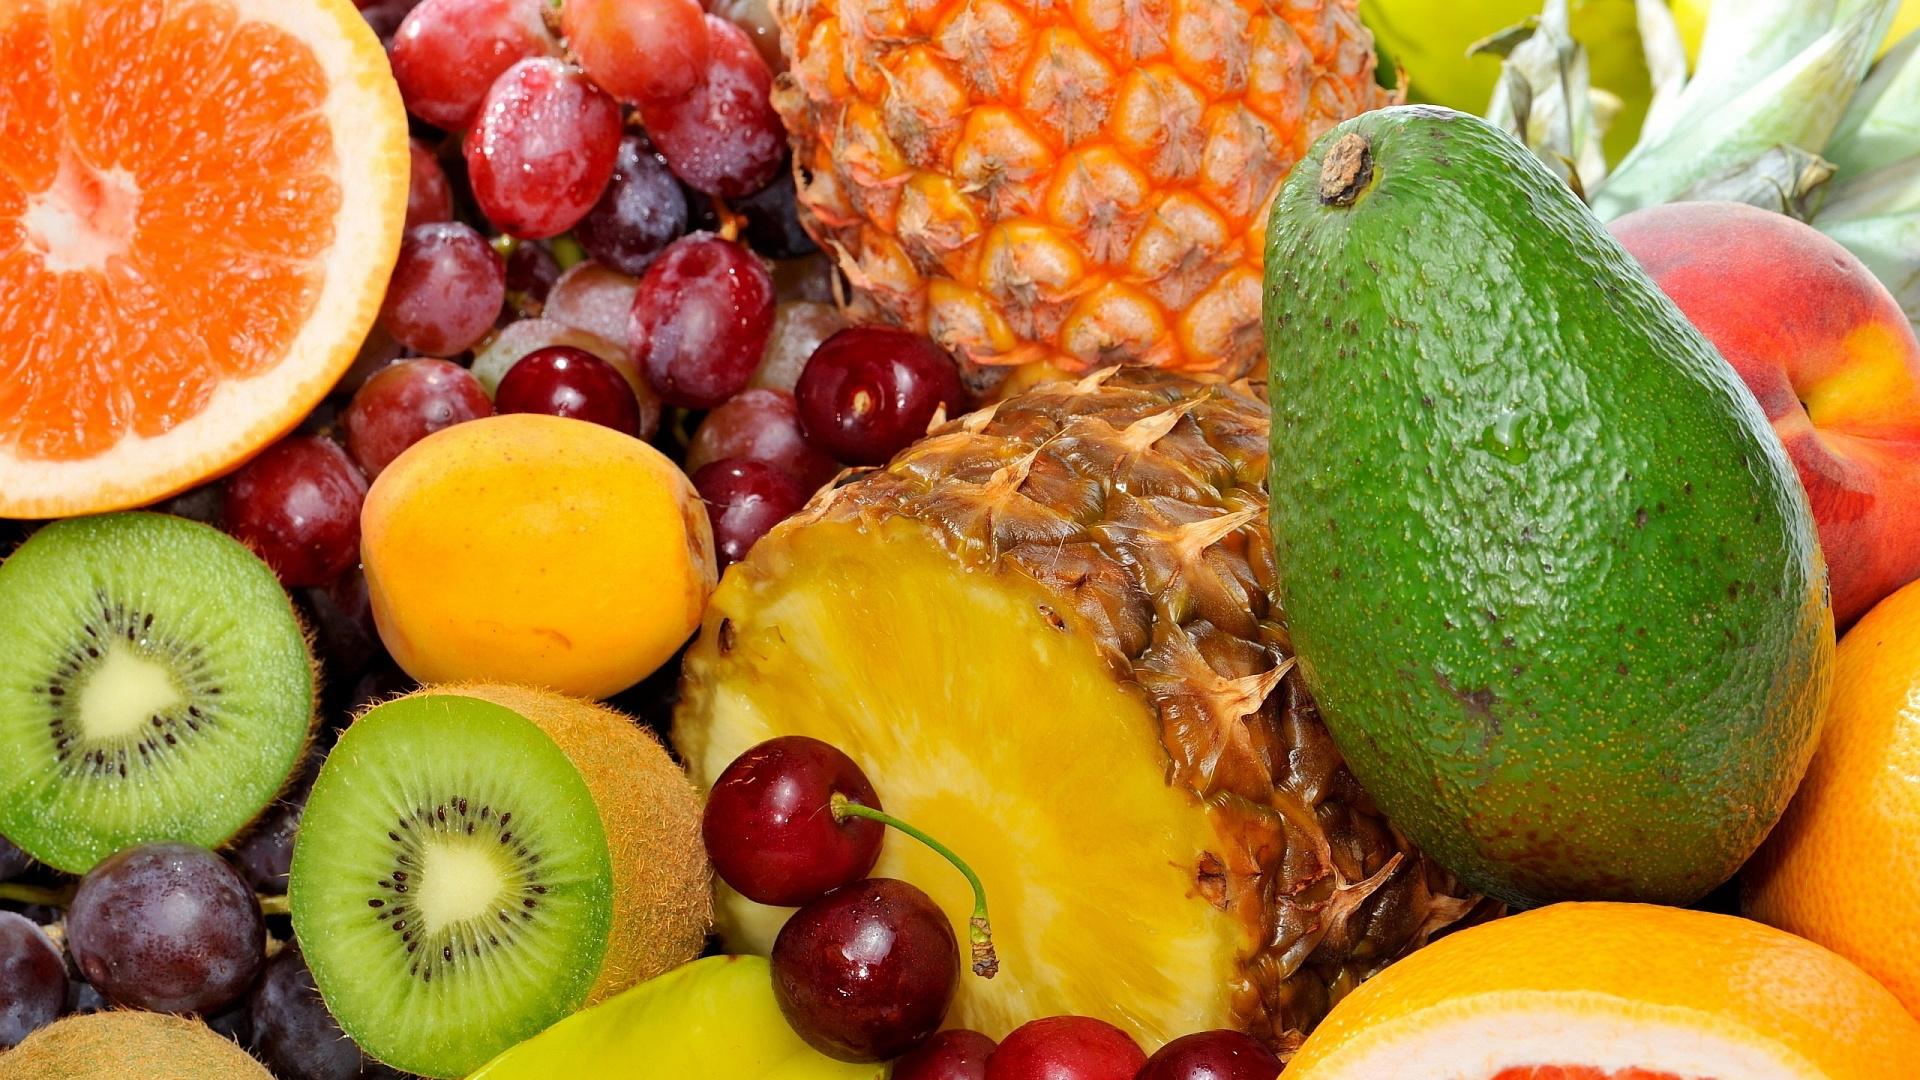 میوه های مفید برای آقایان و خانم ها